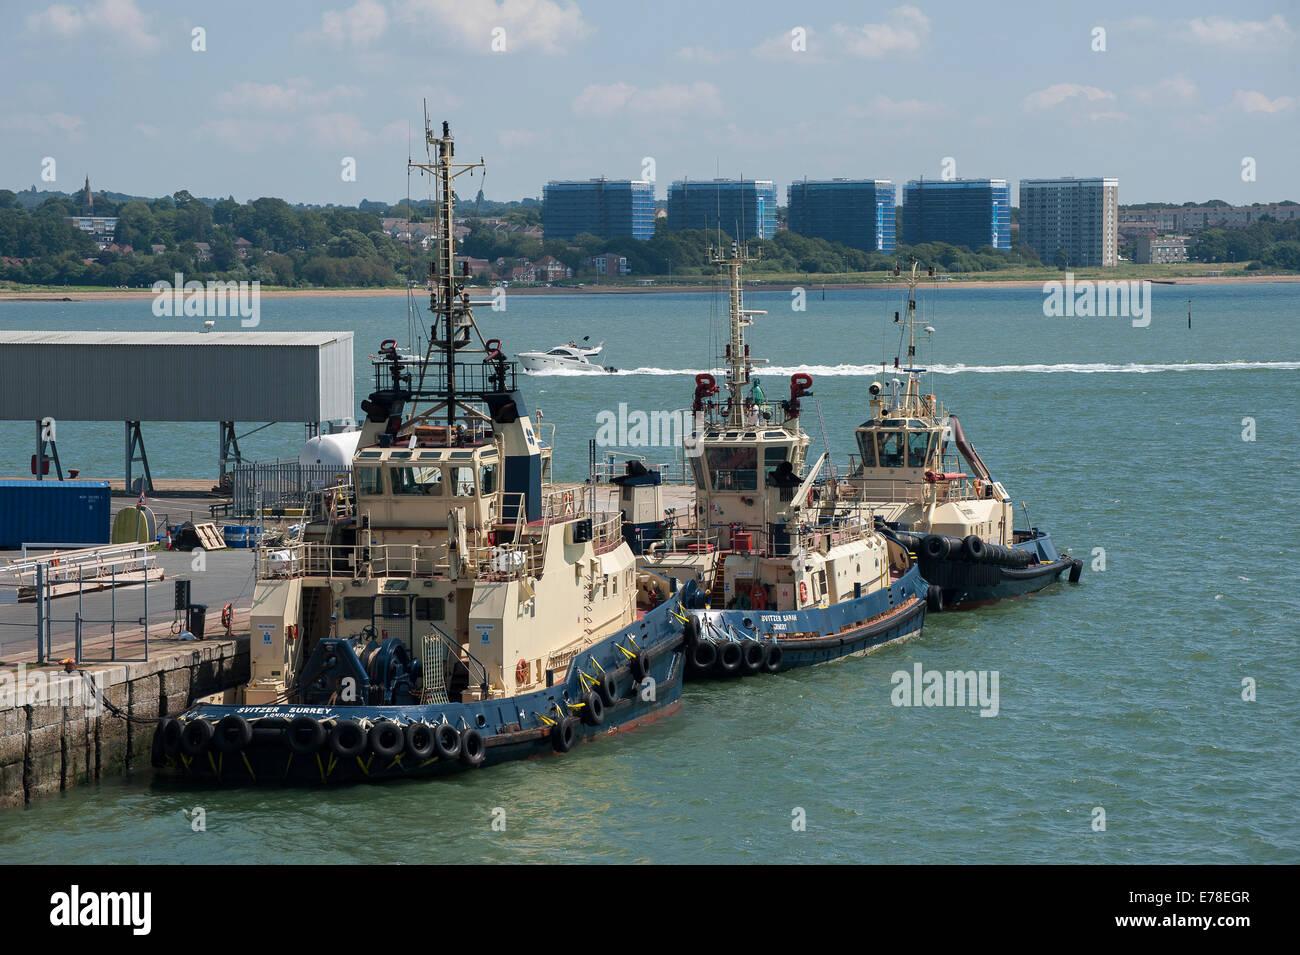 Tug boats at Southampton docks, England. - Stock Image